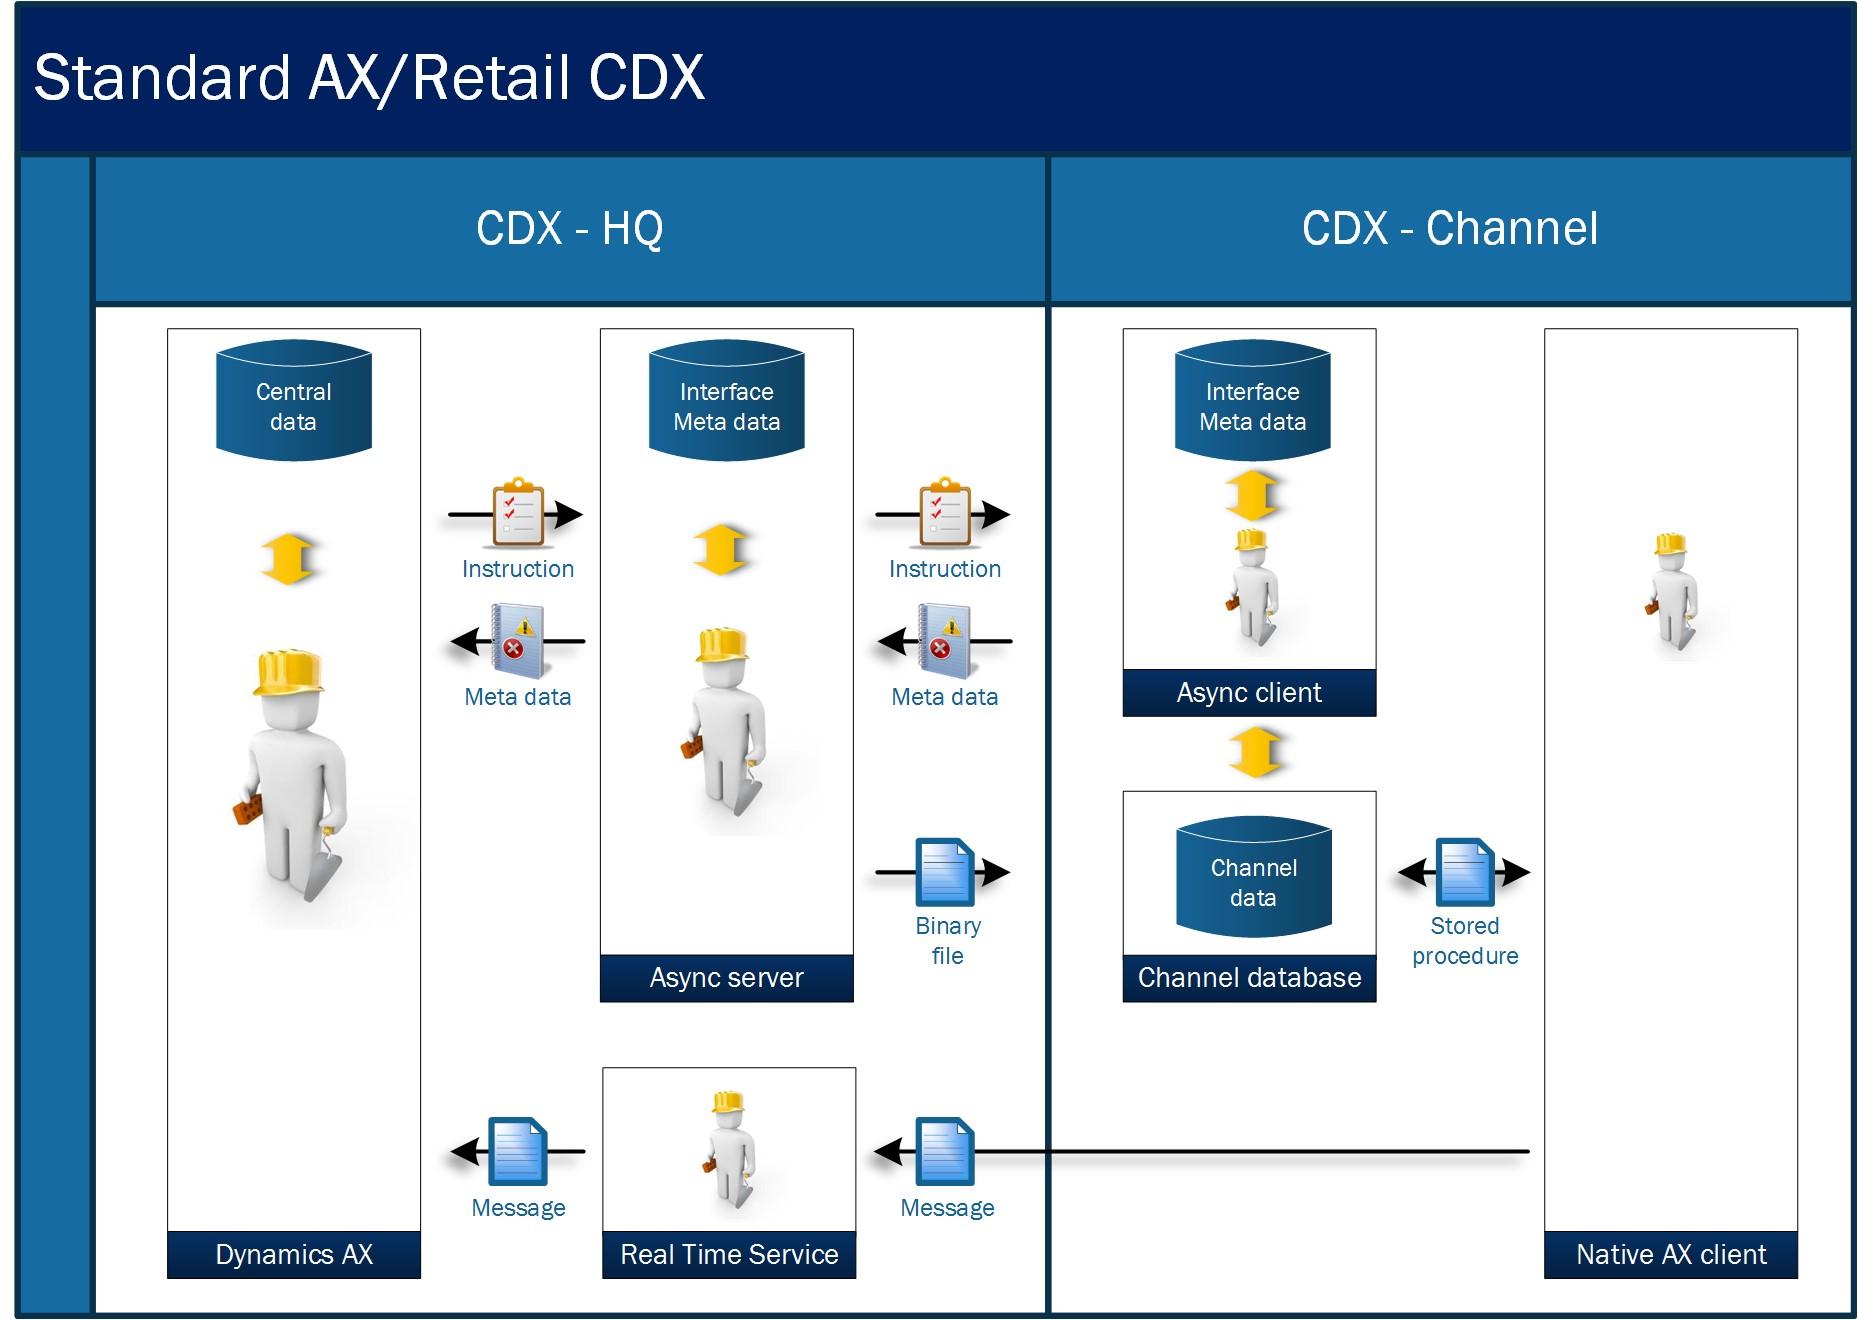 Standard Microsoft Dynamics AX Retail CDX